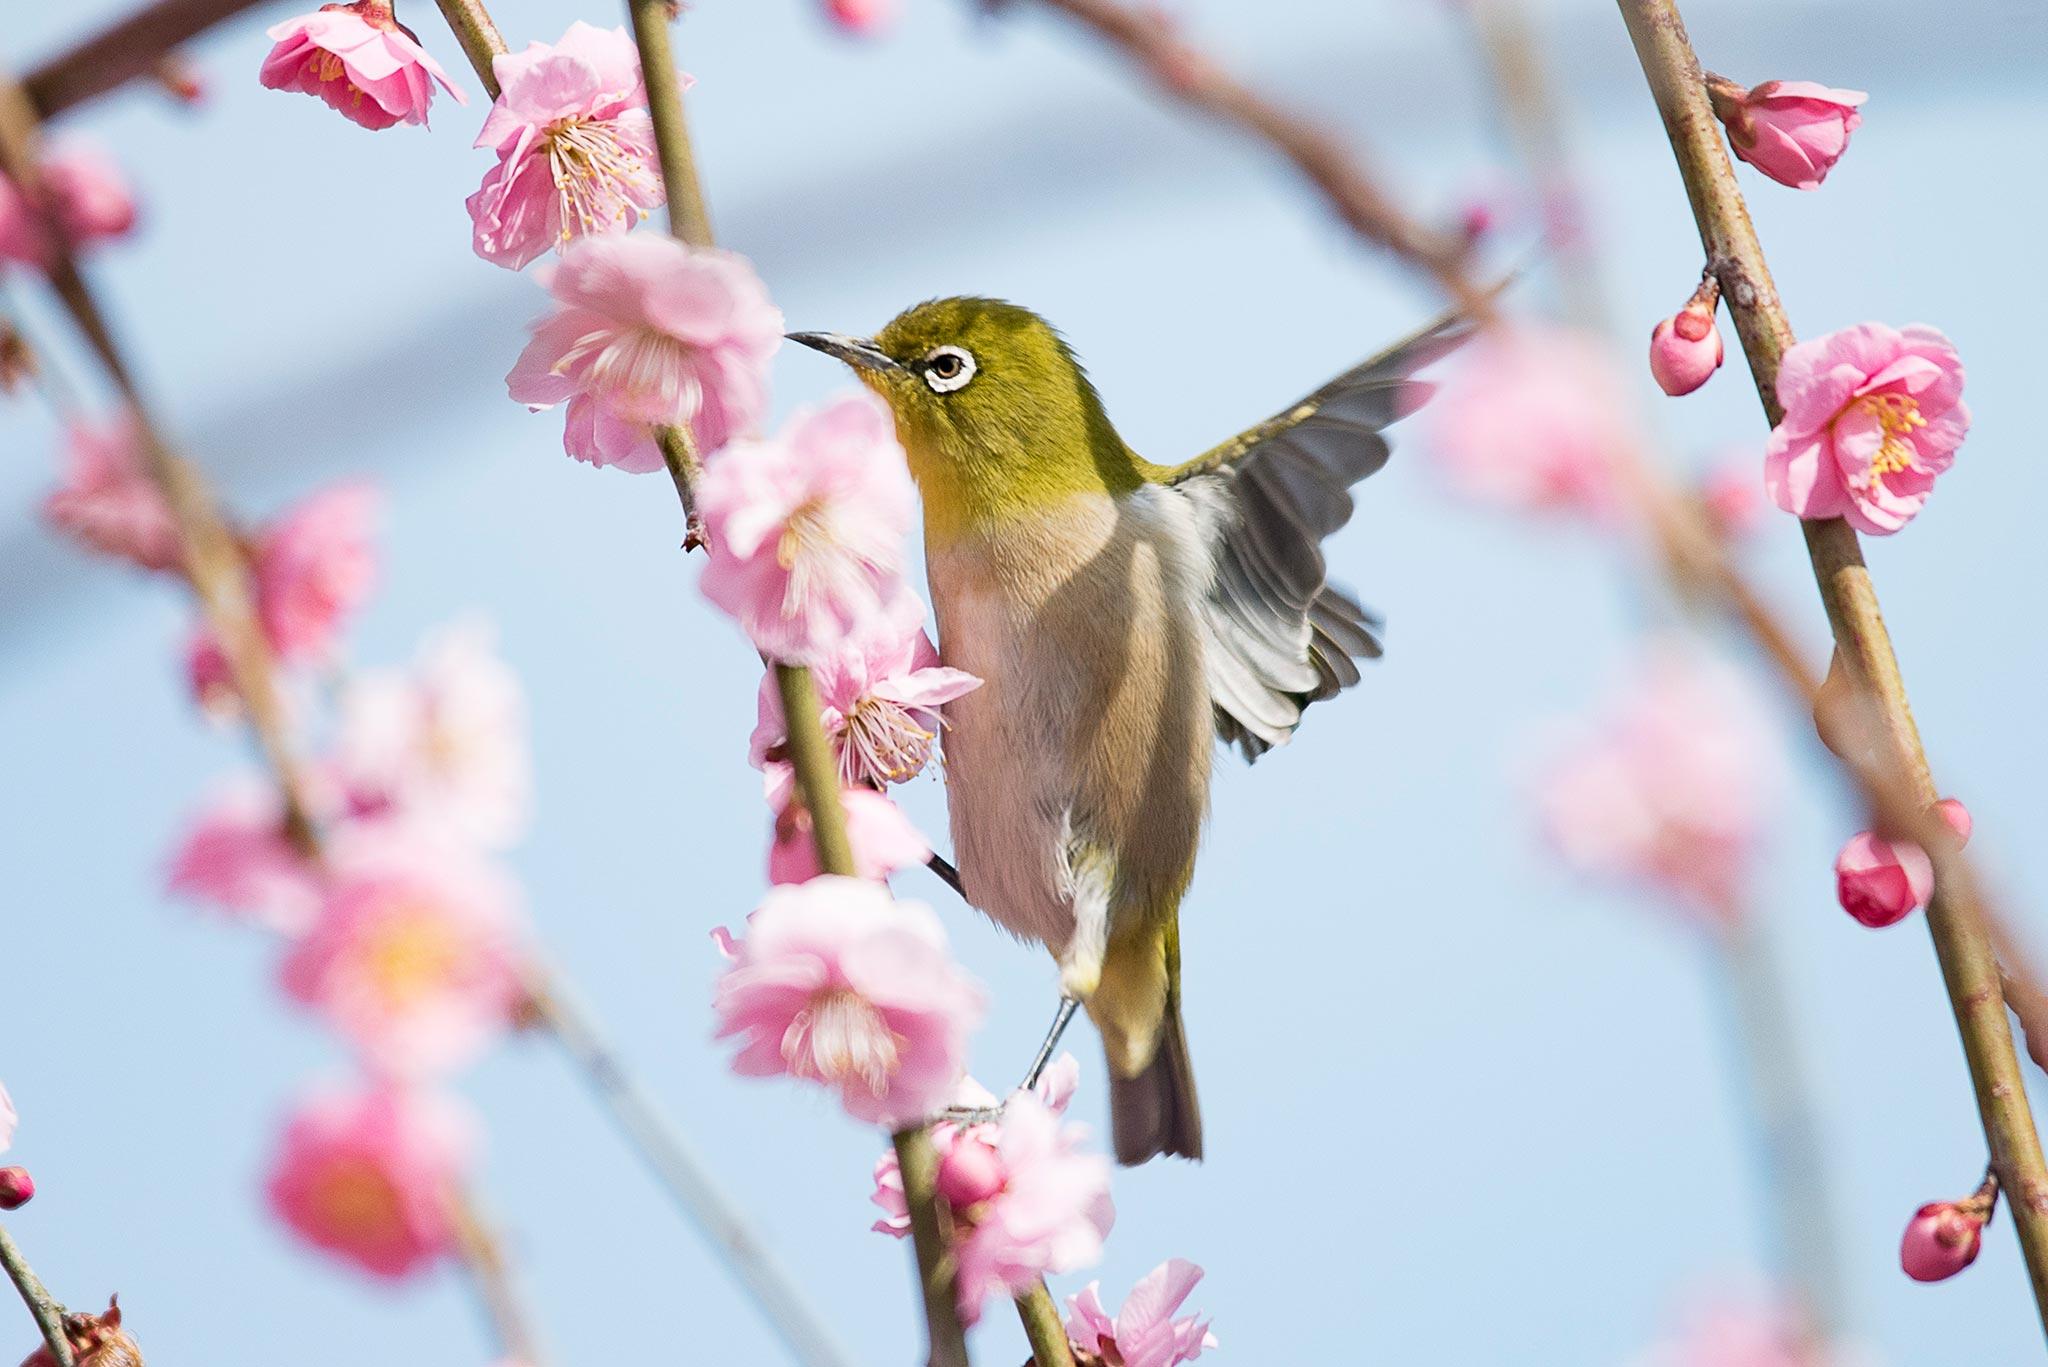 花の撮り方:梅 とにかく撮り方を知りたい時に見る記事